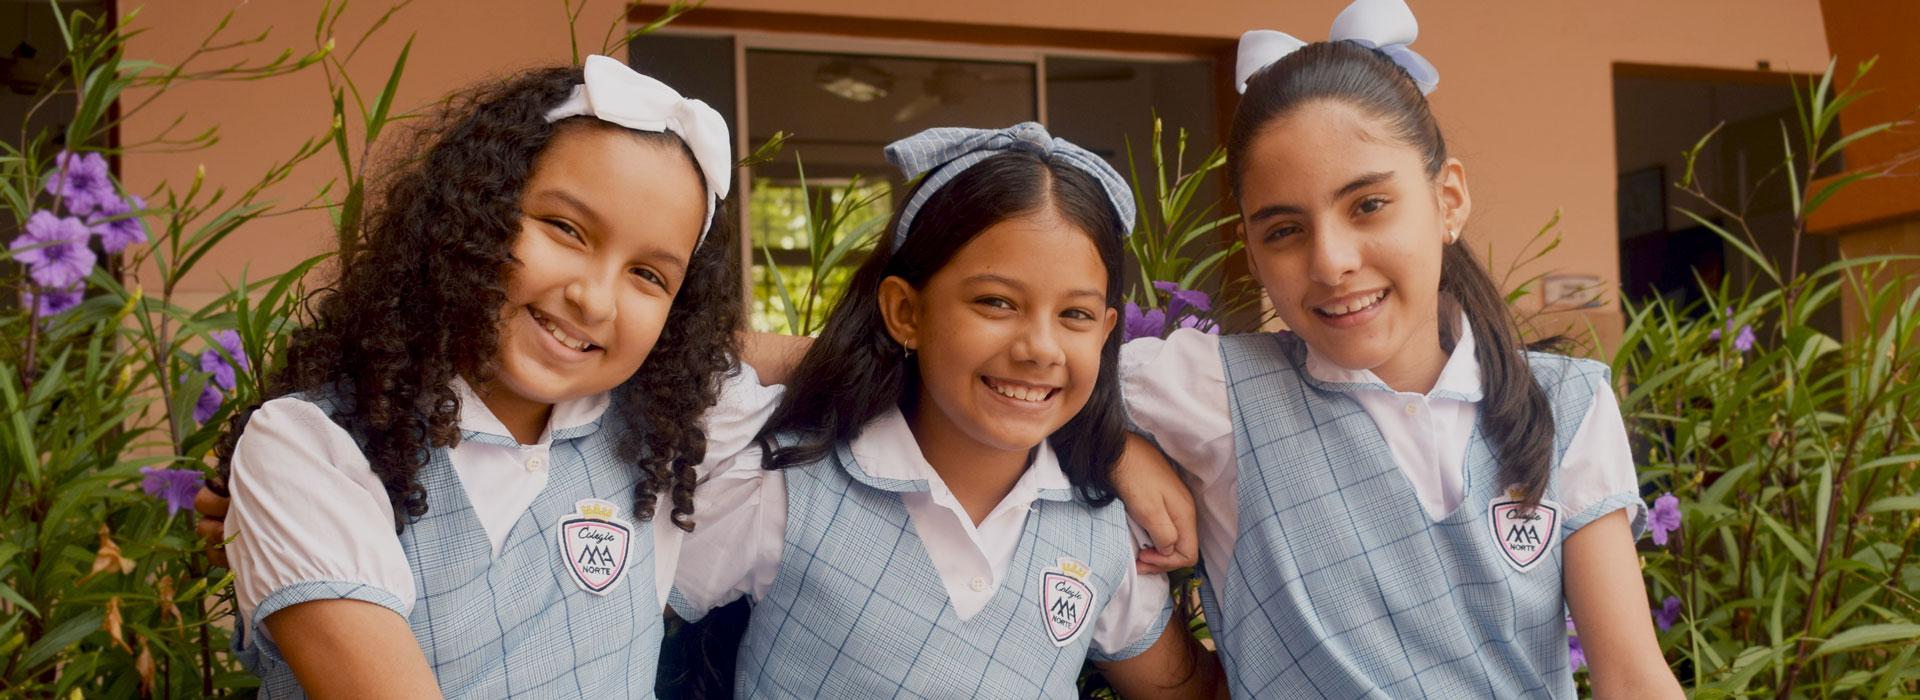 Colegio Maria Auxiliadora Barranquilla